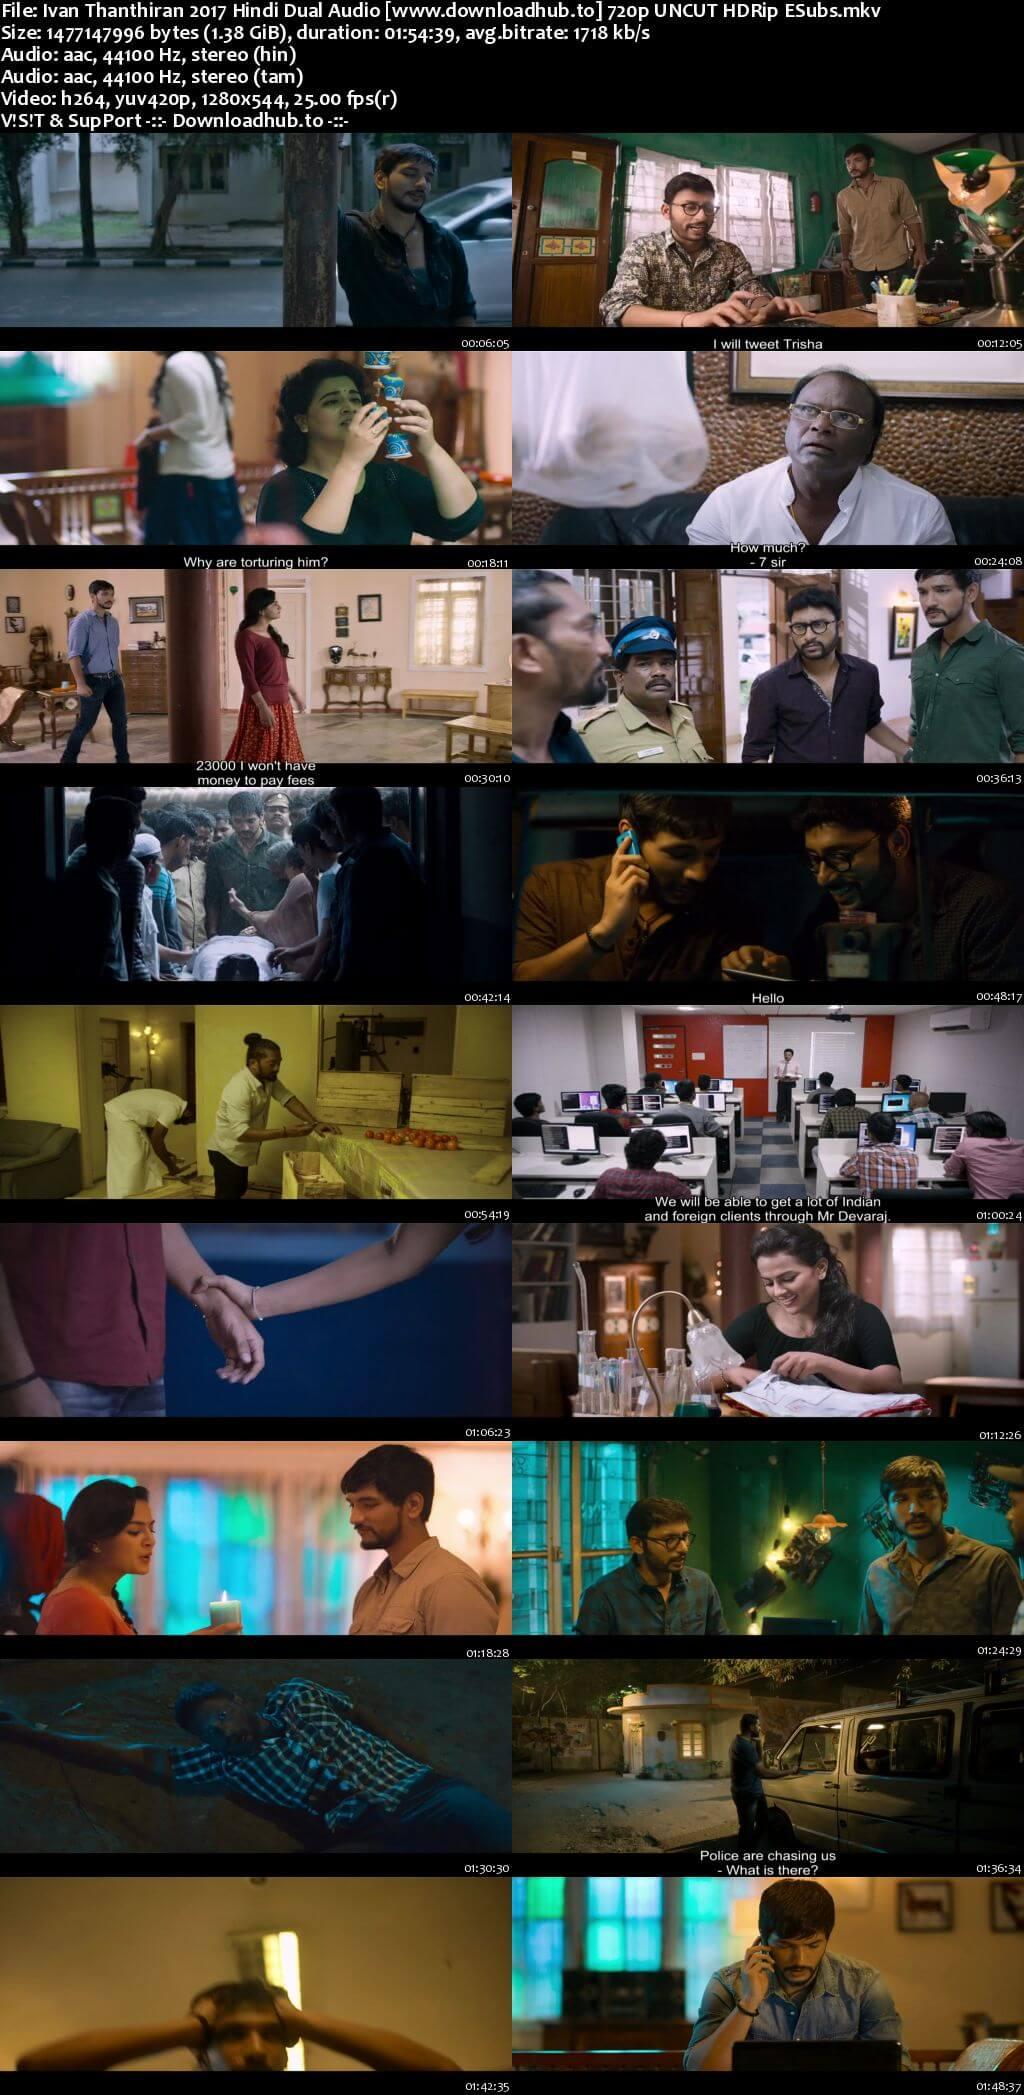 Ivan Thanthiran 2017 Hindi Dual Audio 720p UNCUT HDRip ESubs